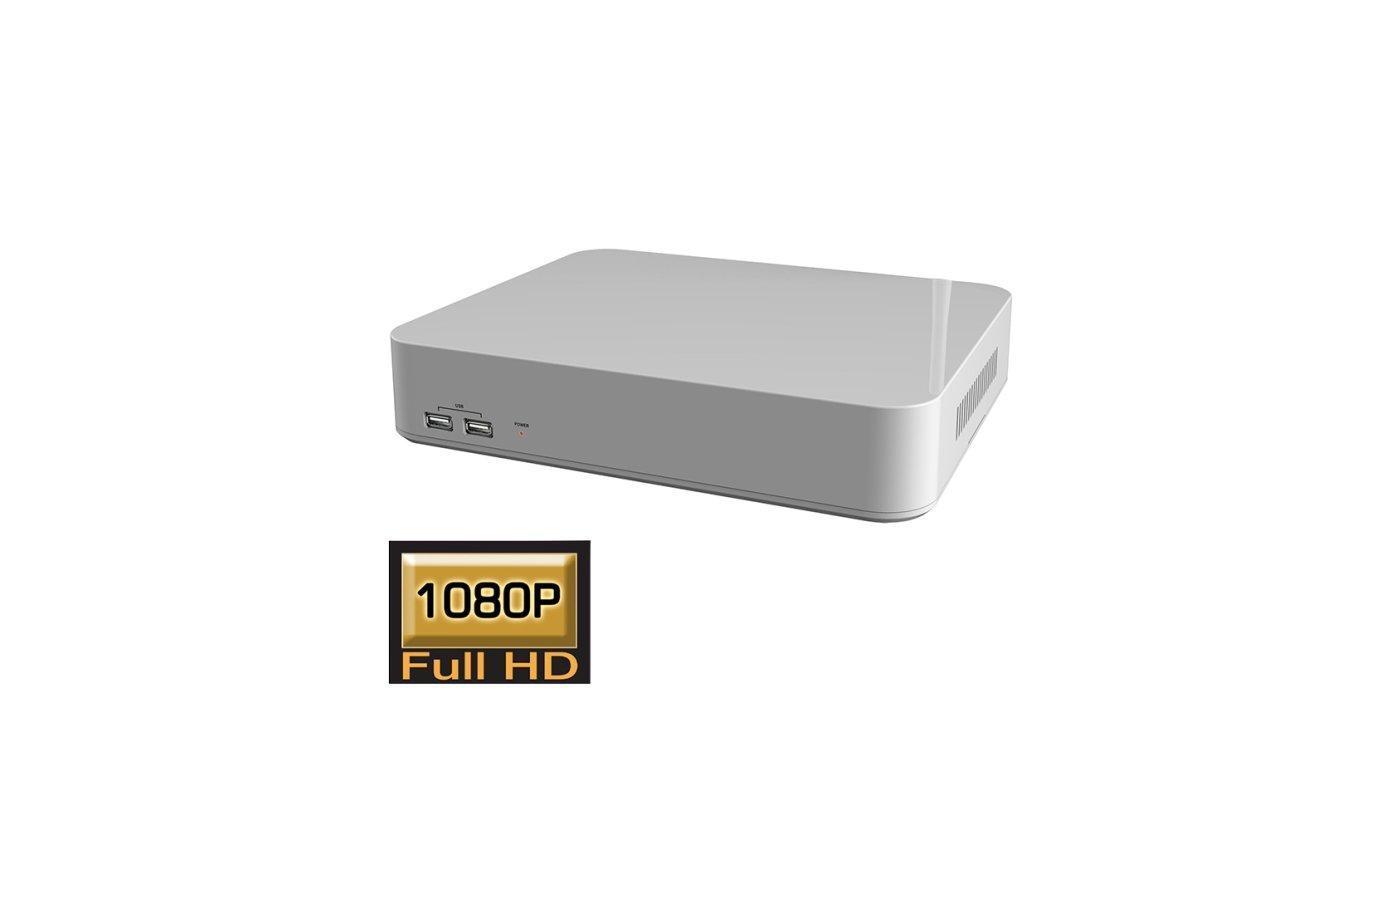 Система видеонаблюдения IVN2008A-H1 8-канальный сетевой Full HD Видеорегистратор NVR